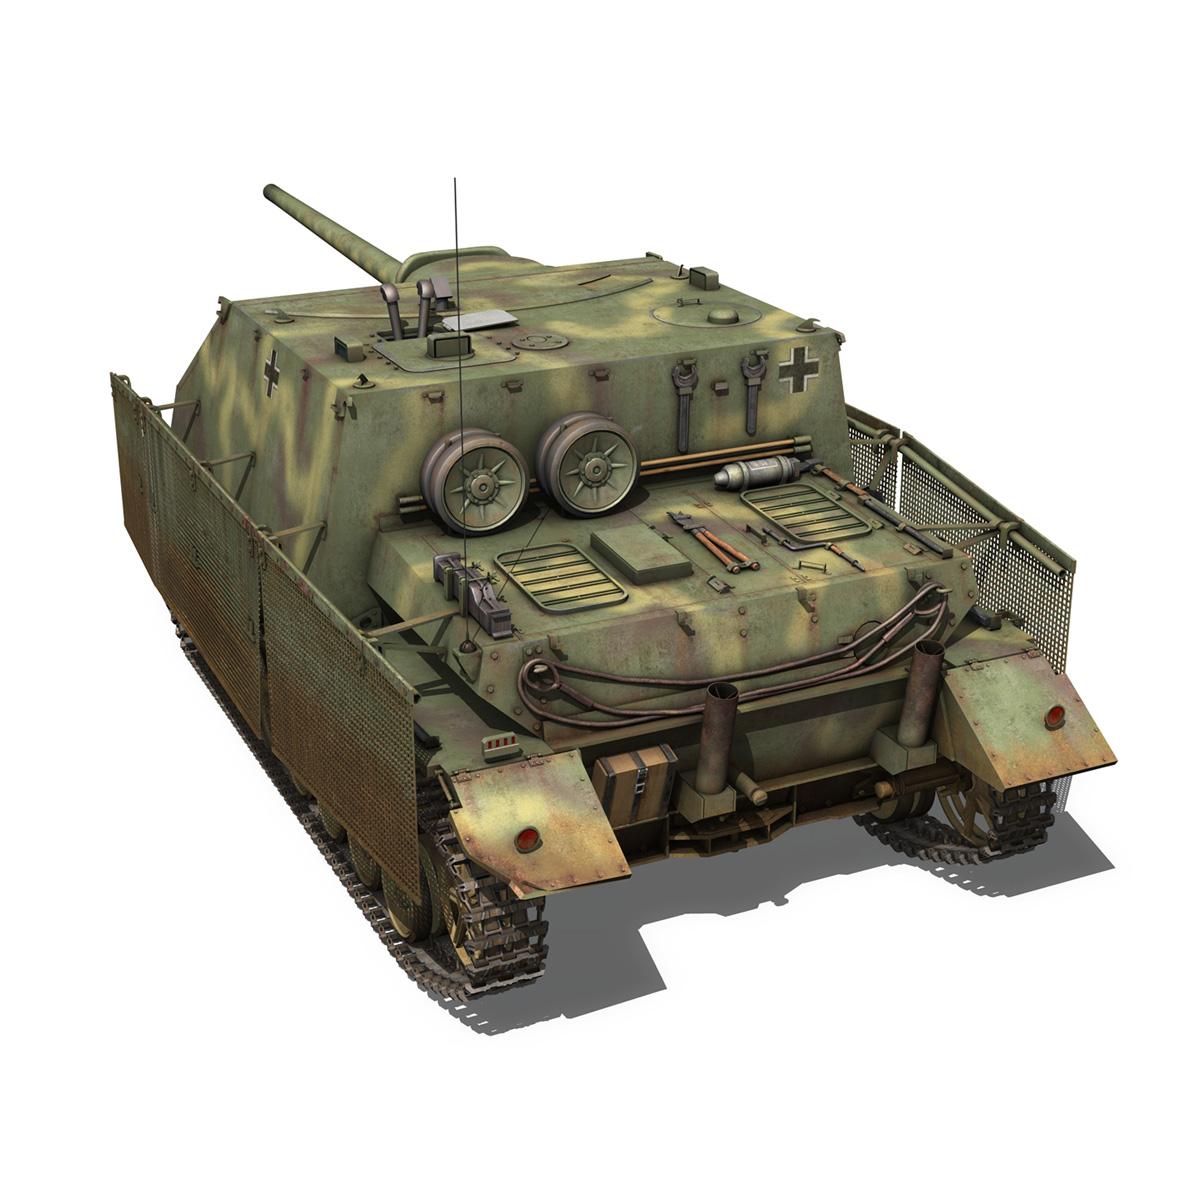 jagdpanzer iv l/70 (a) 3d model 3ds fbx c4d obj 200832